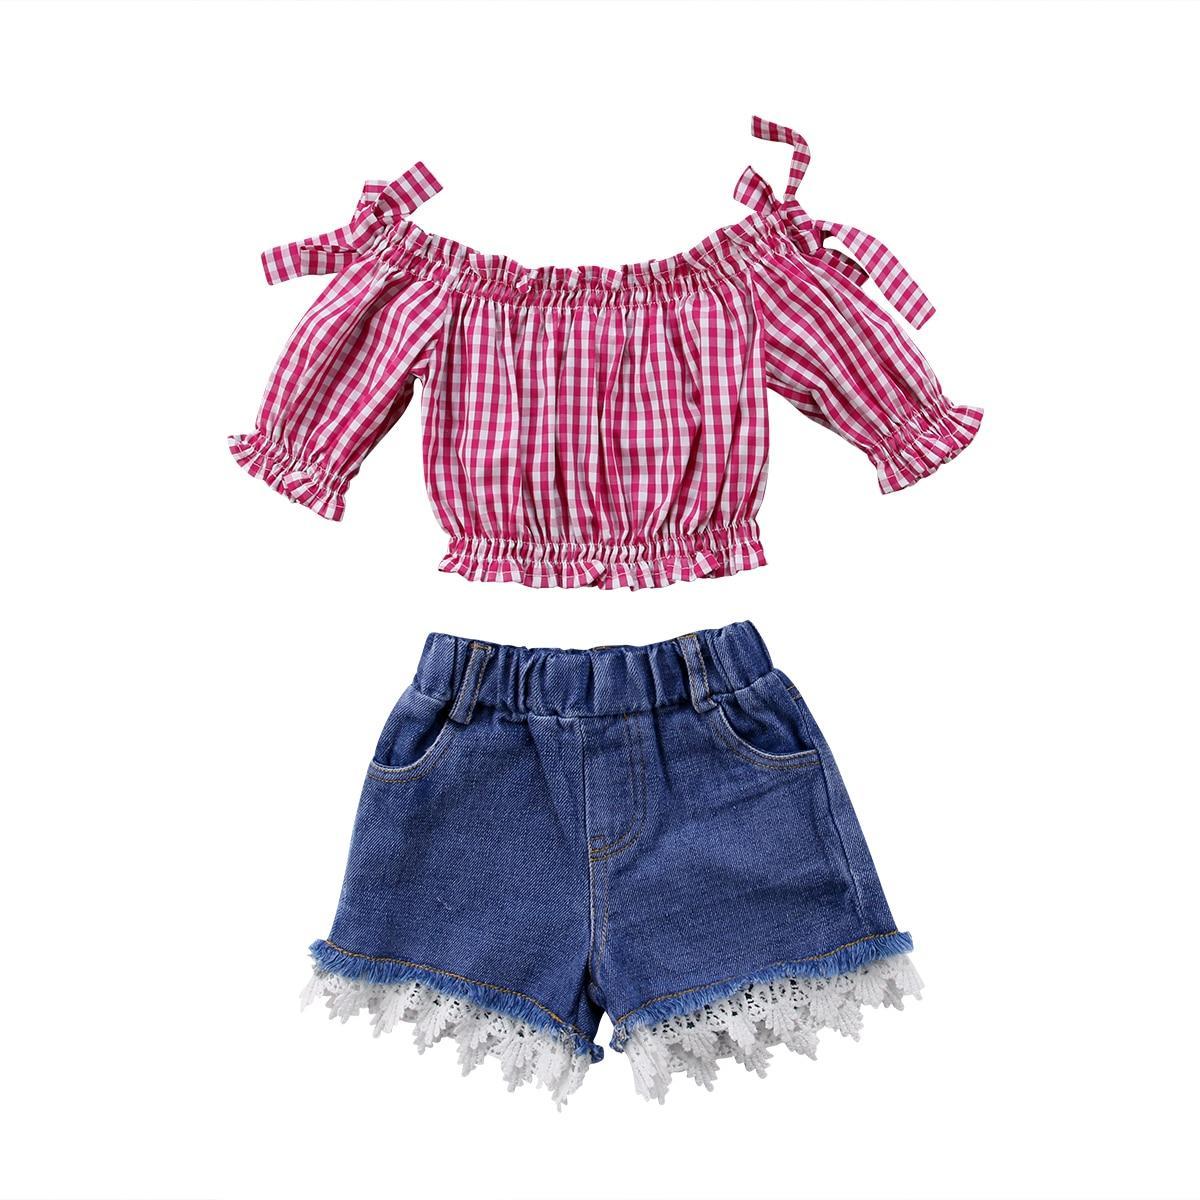 بالصور ملابس الصيف , ملابس صيفيه خفيفه 3667 7